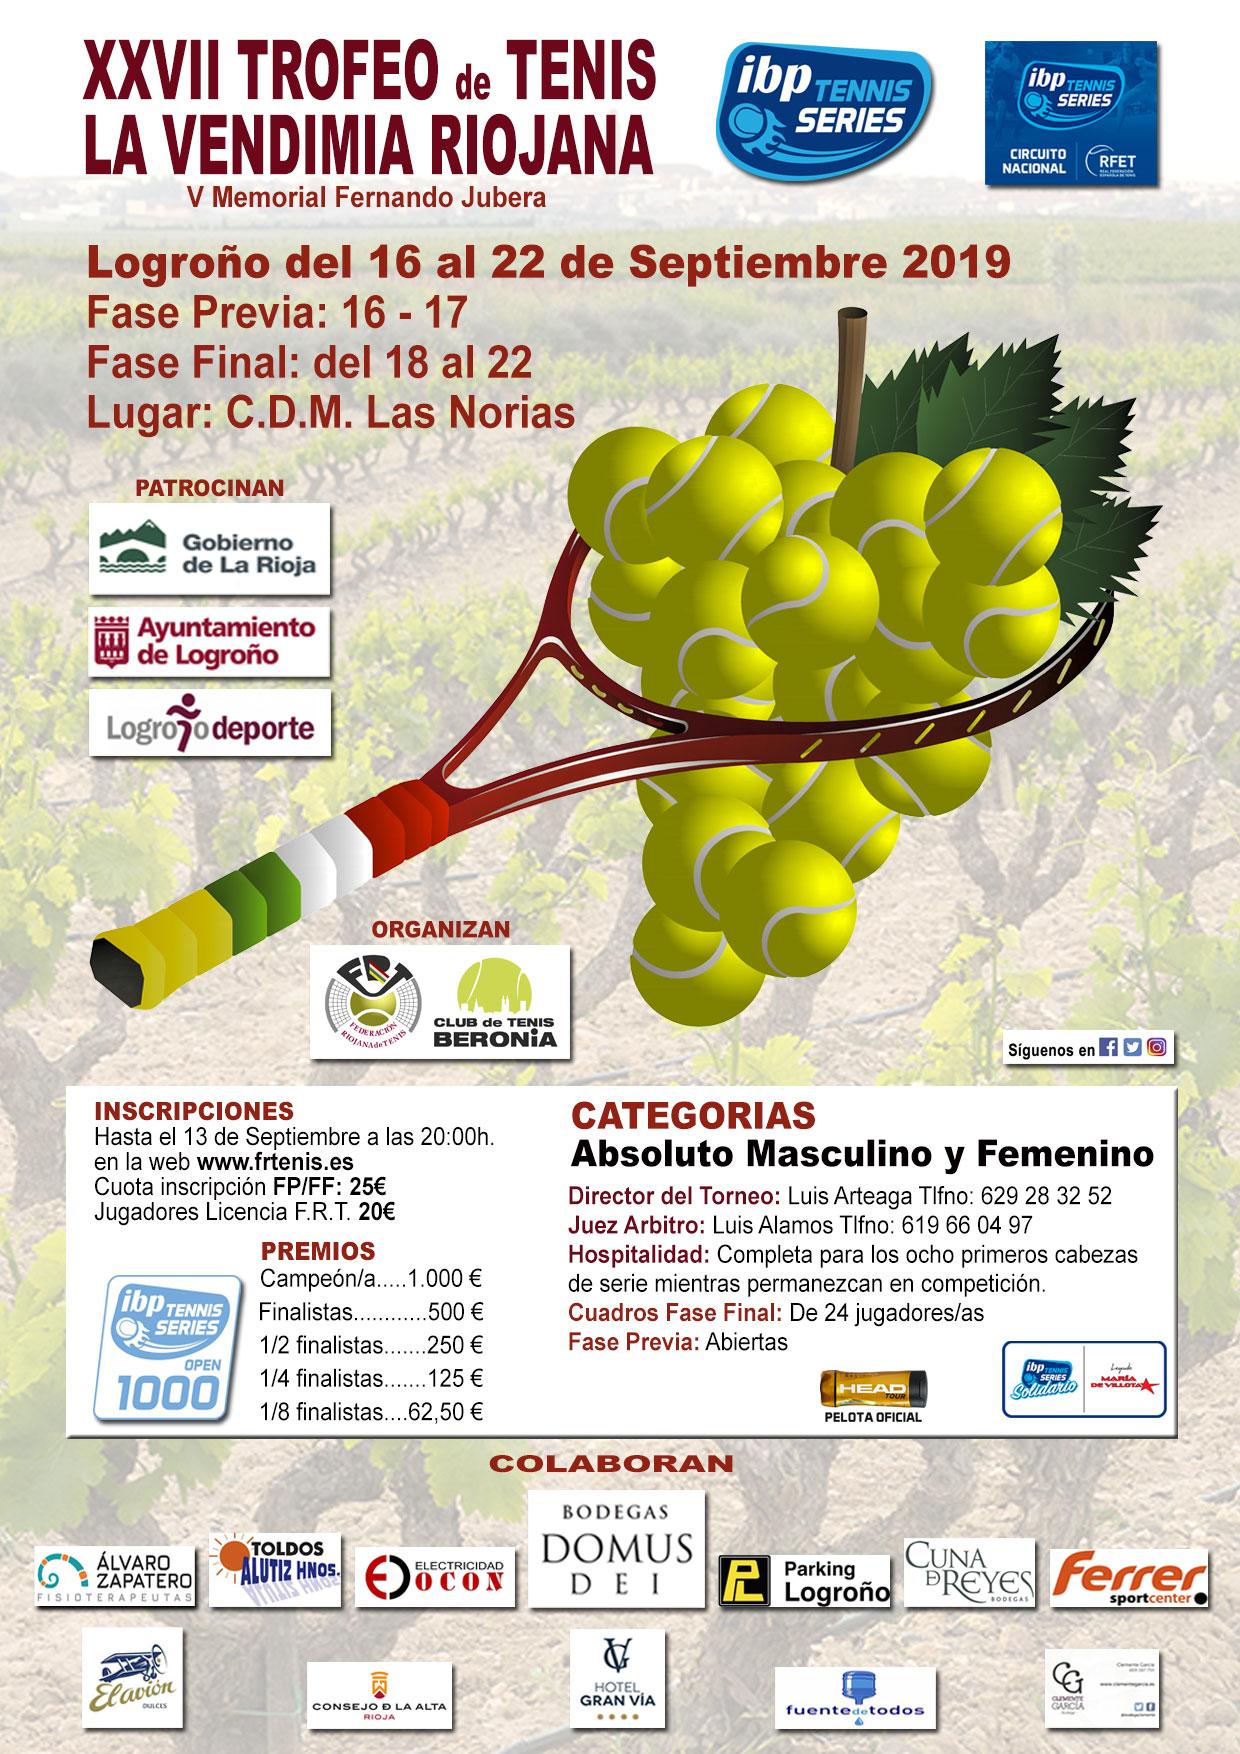 XXVII Trofeo de La Vendimia Riojana